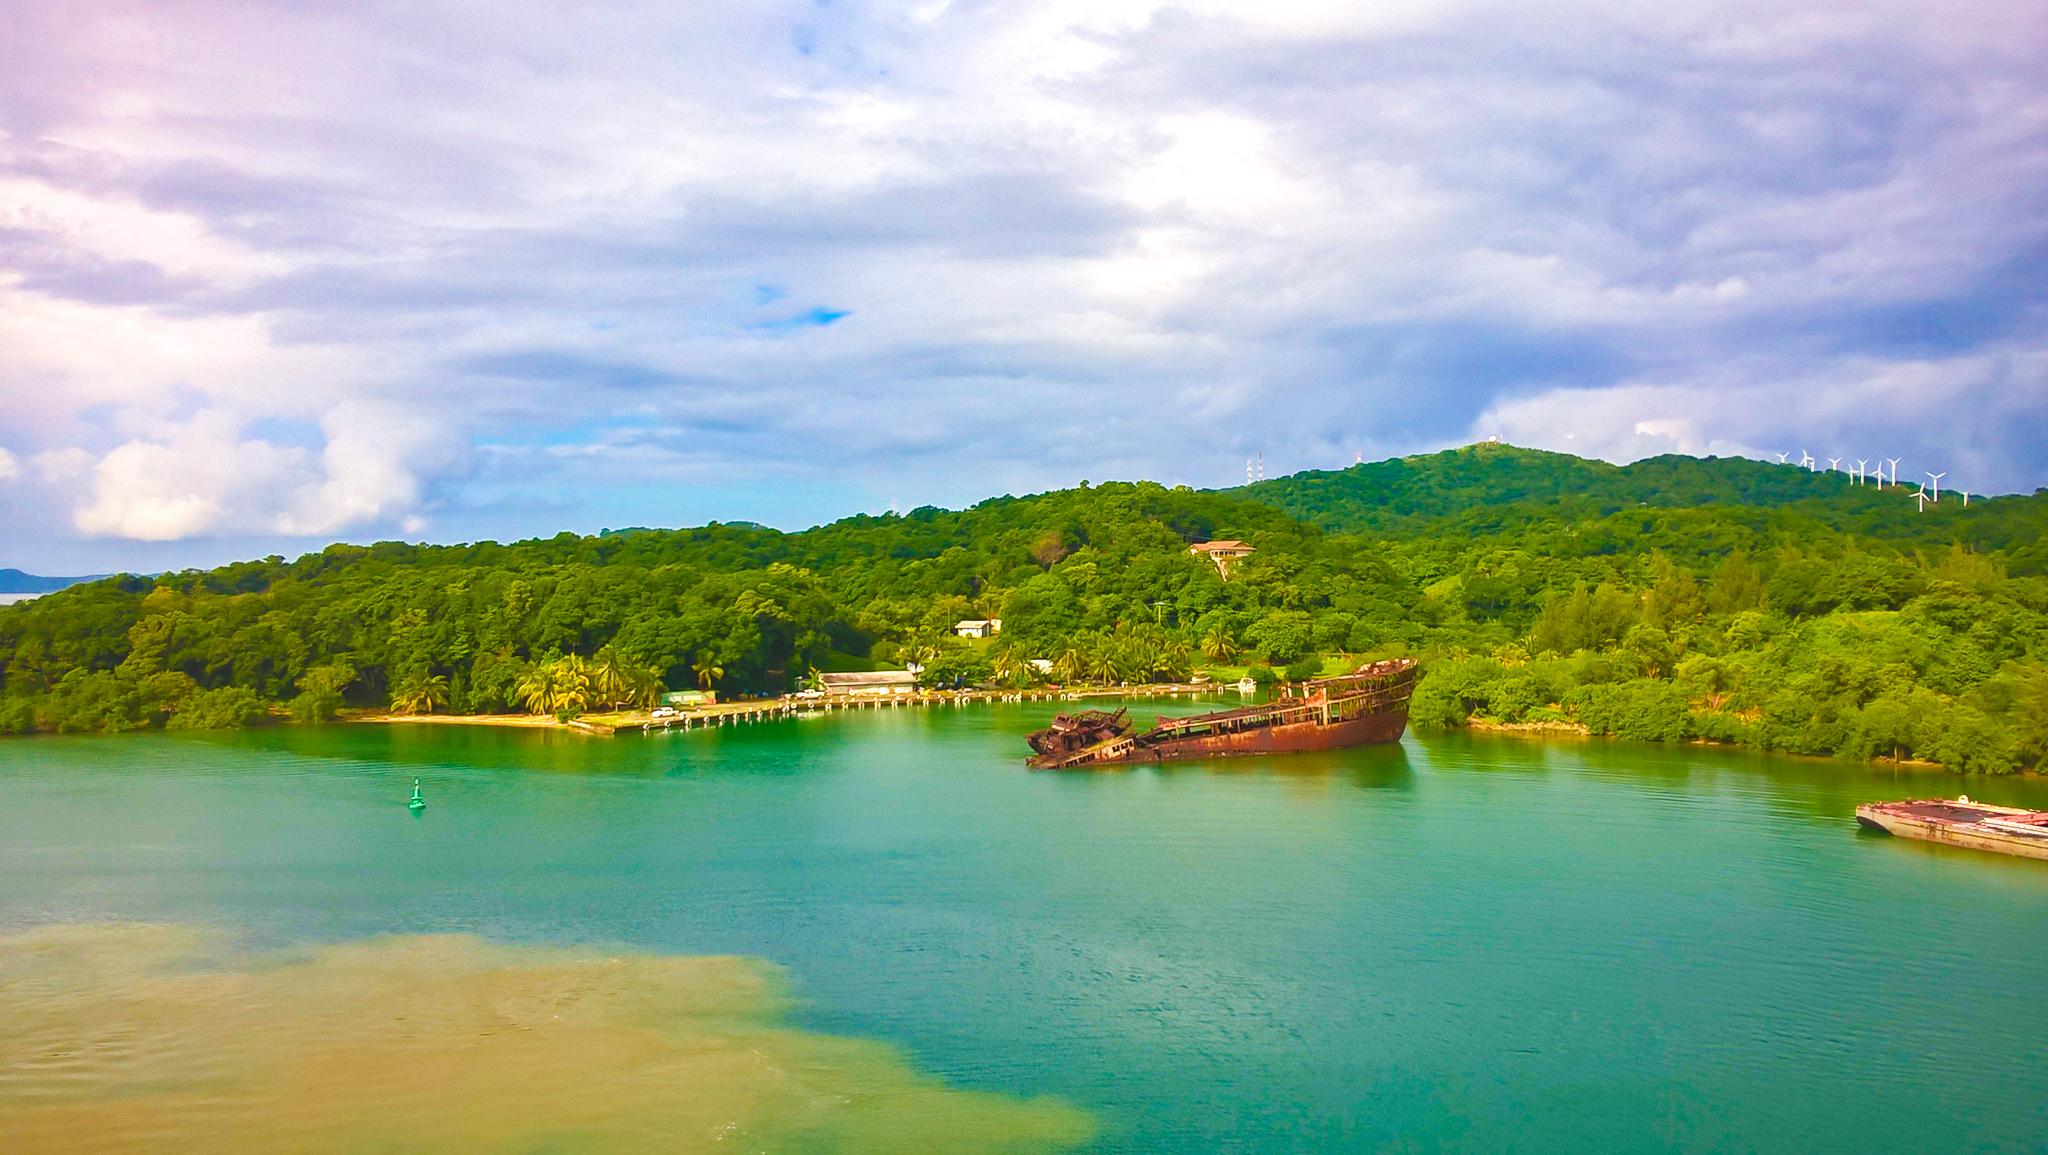 Mahogany Island, Honduras